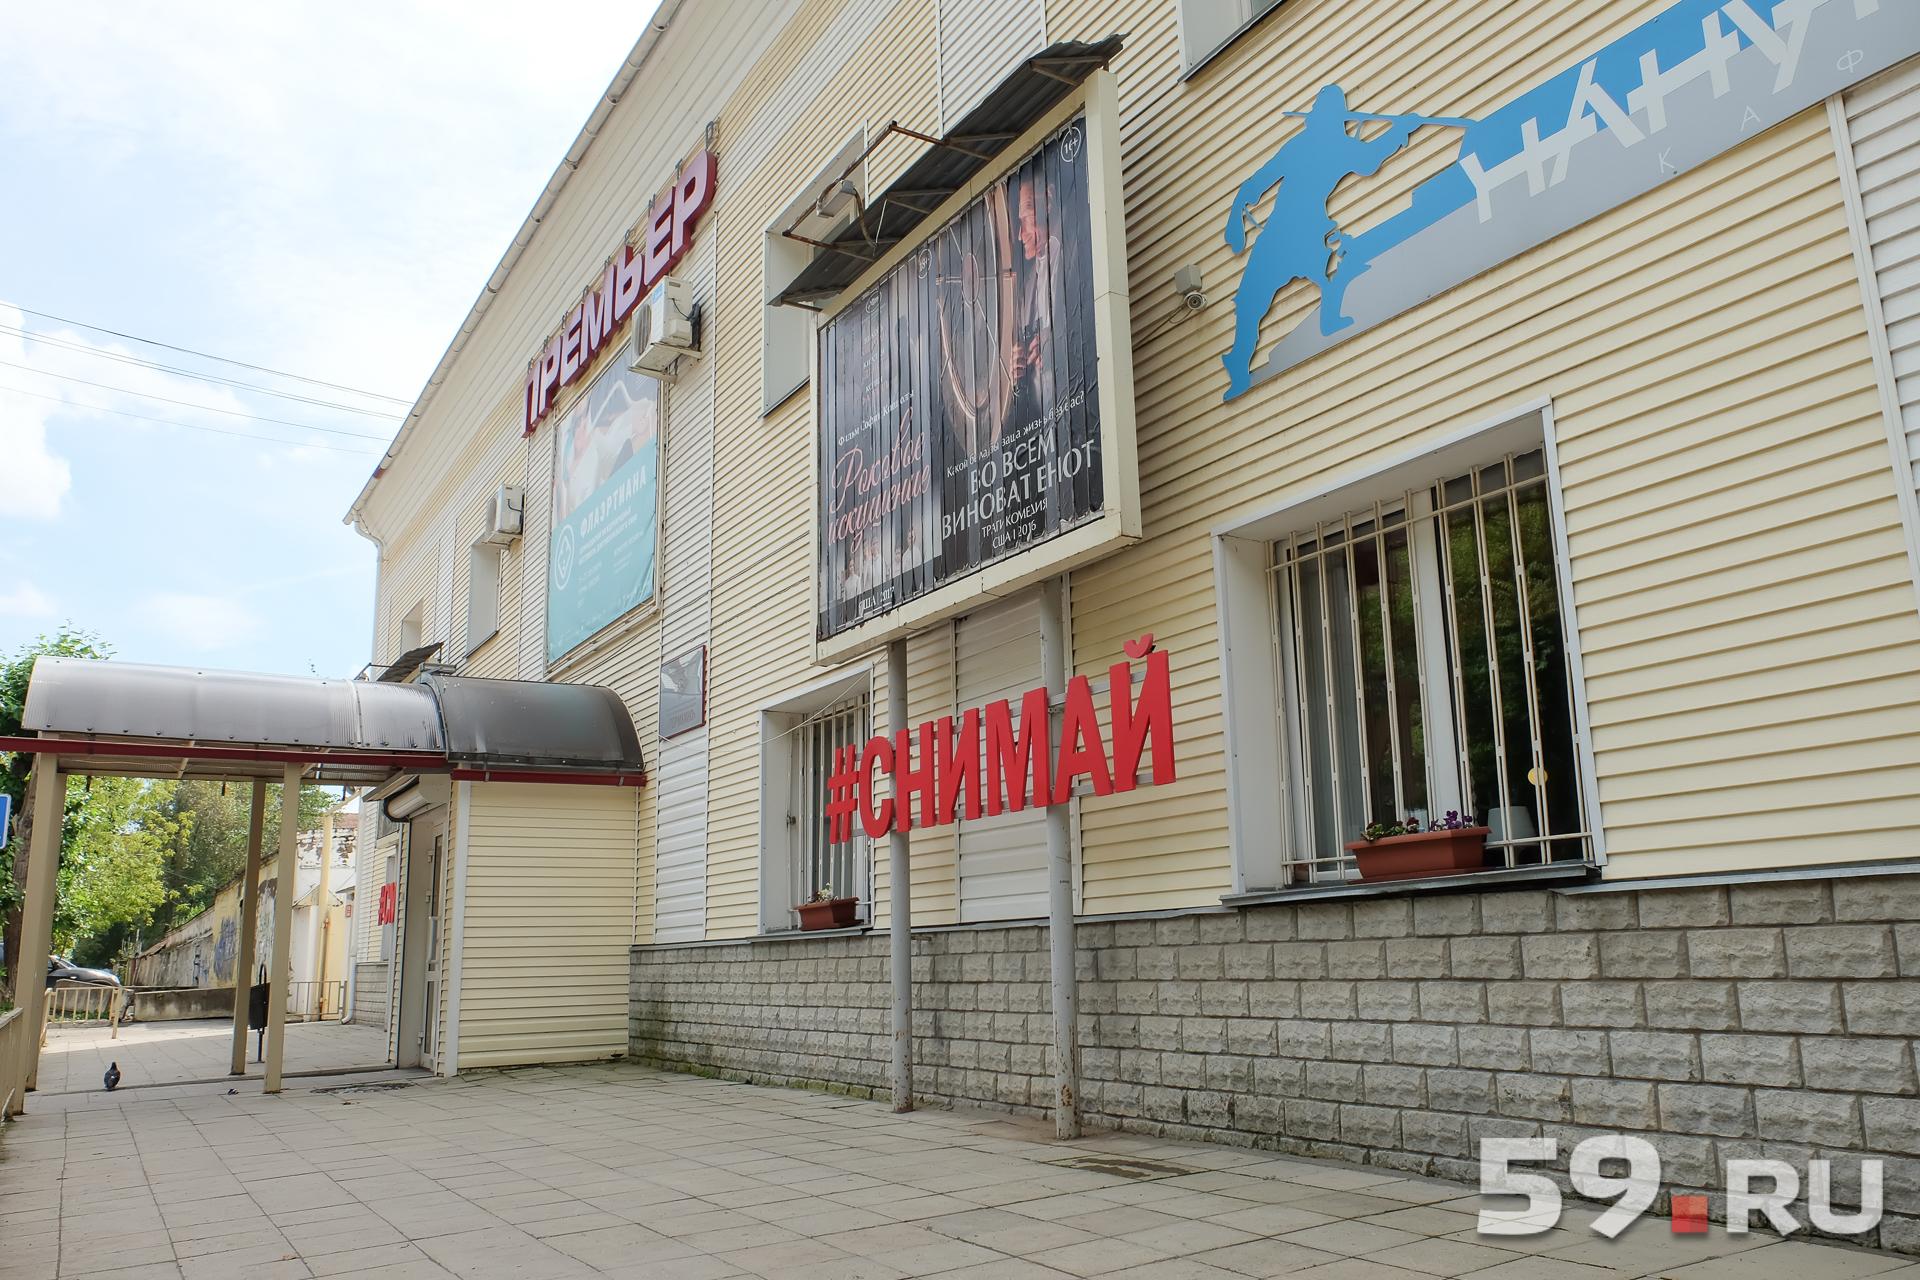 Пермский киноцентр «Премьер» наряду с прокатом свежих кинолент показывает старое кино